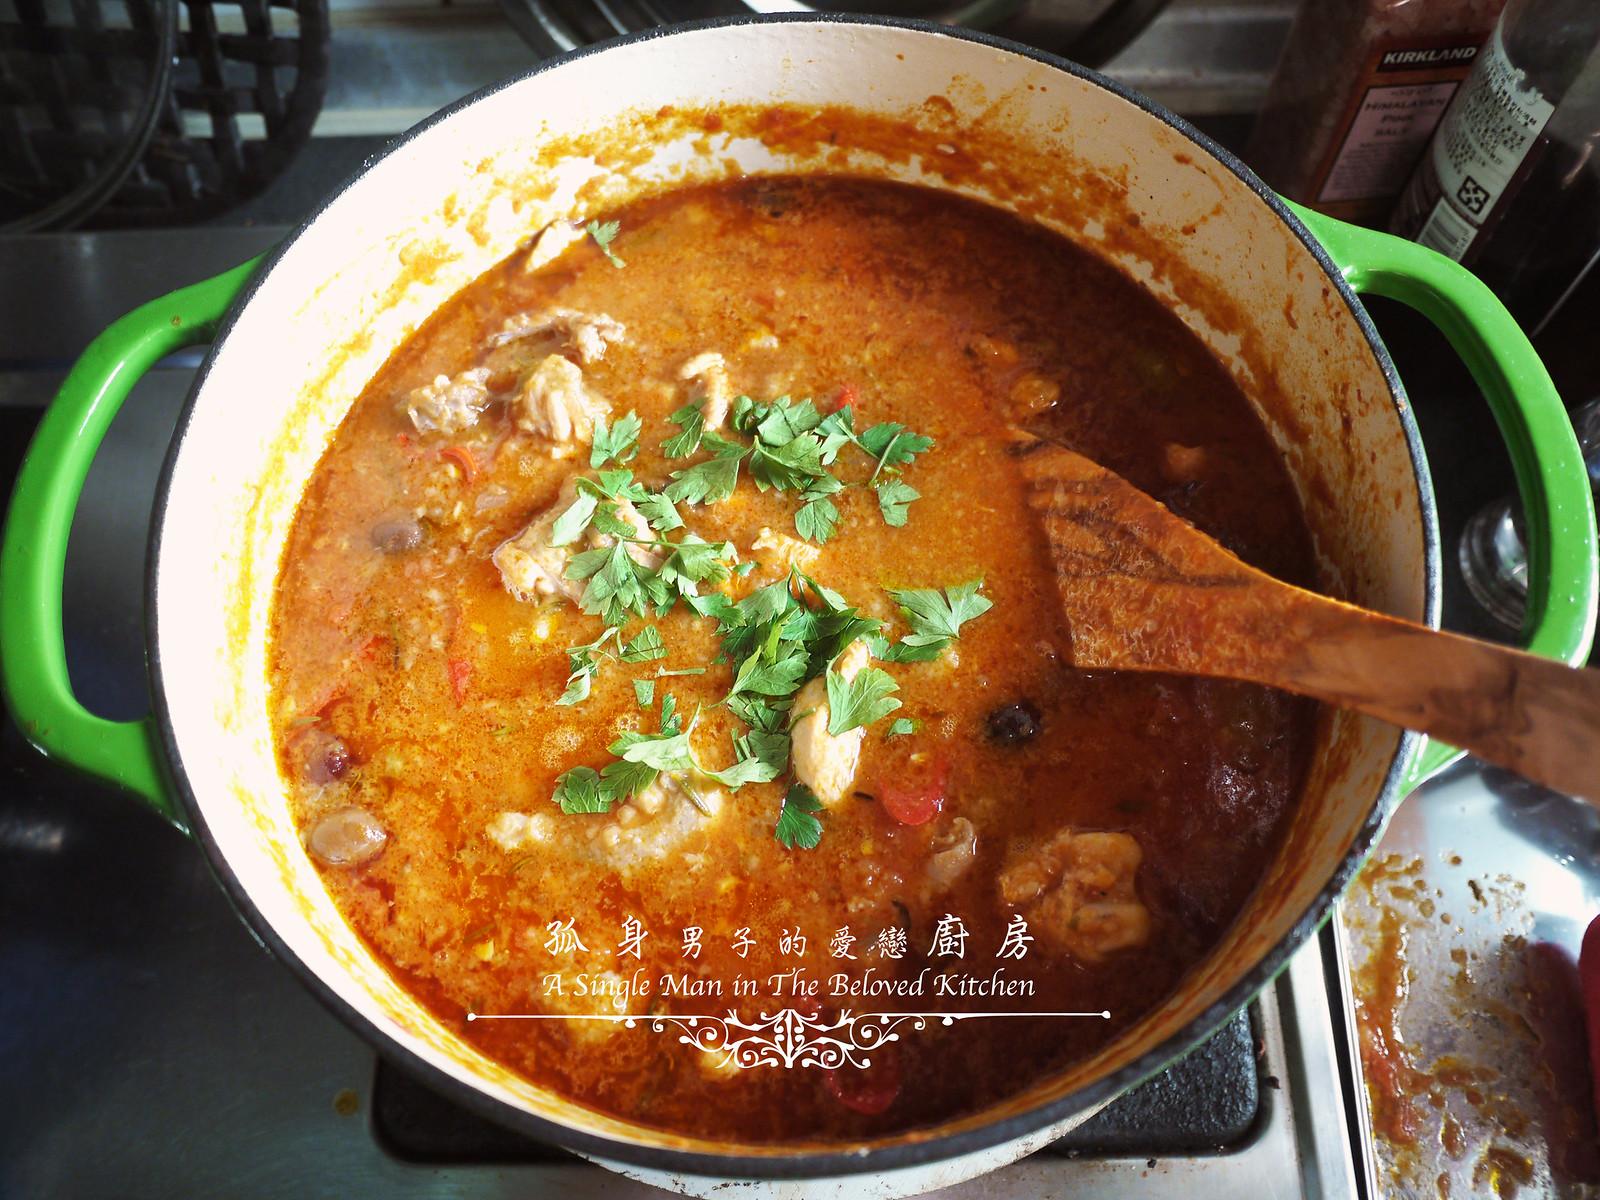 孤身廚房-蕃茄橄欖燴雞肉佐番紅花香米36